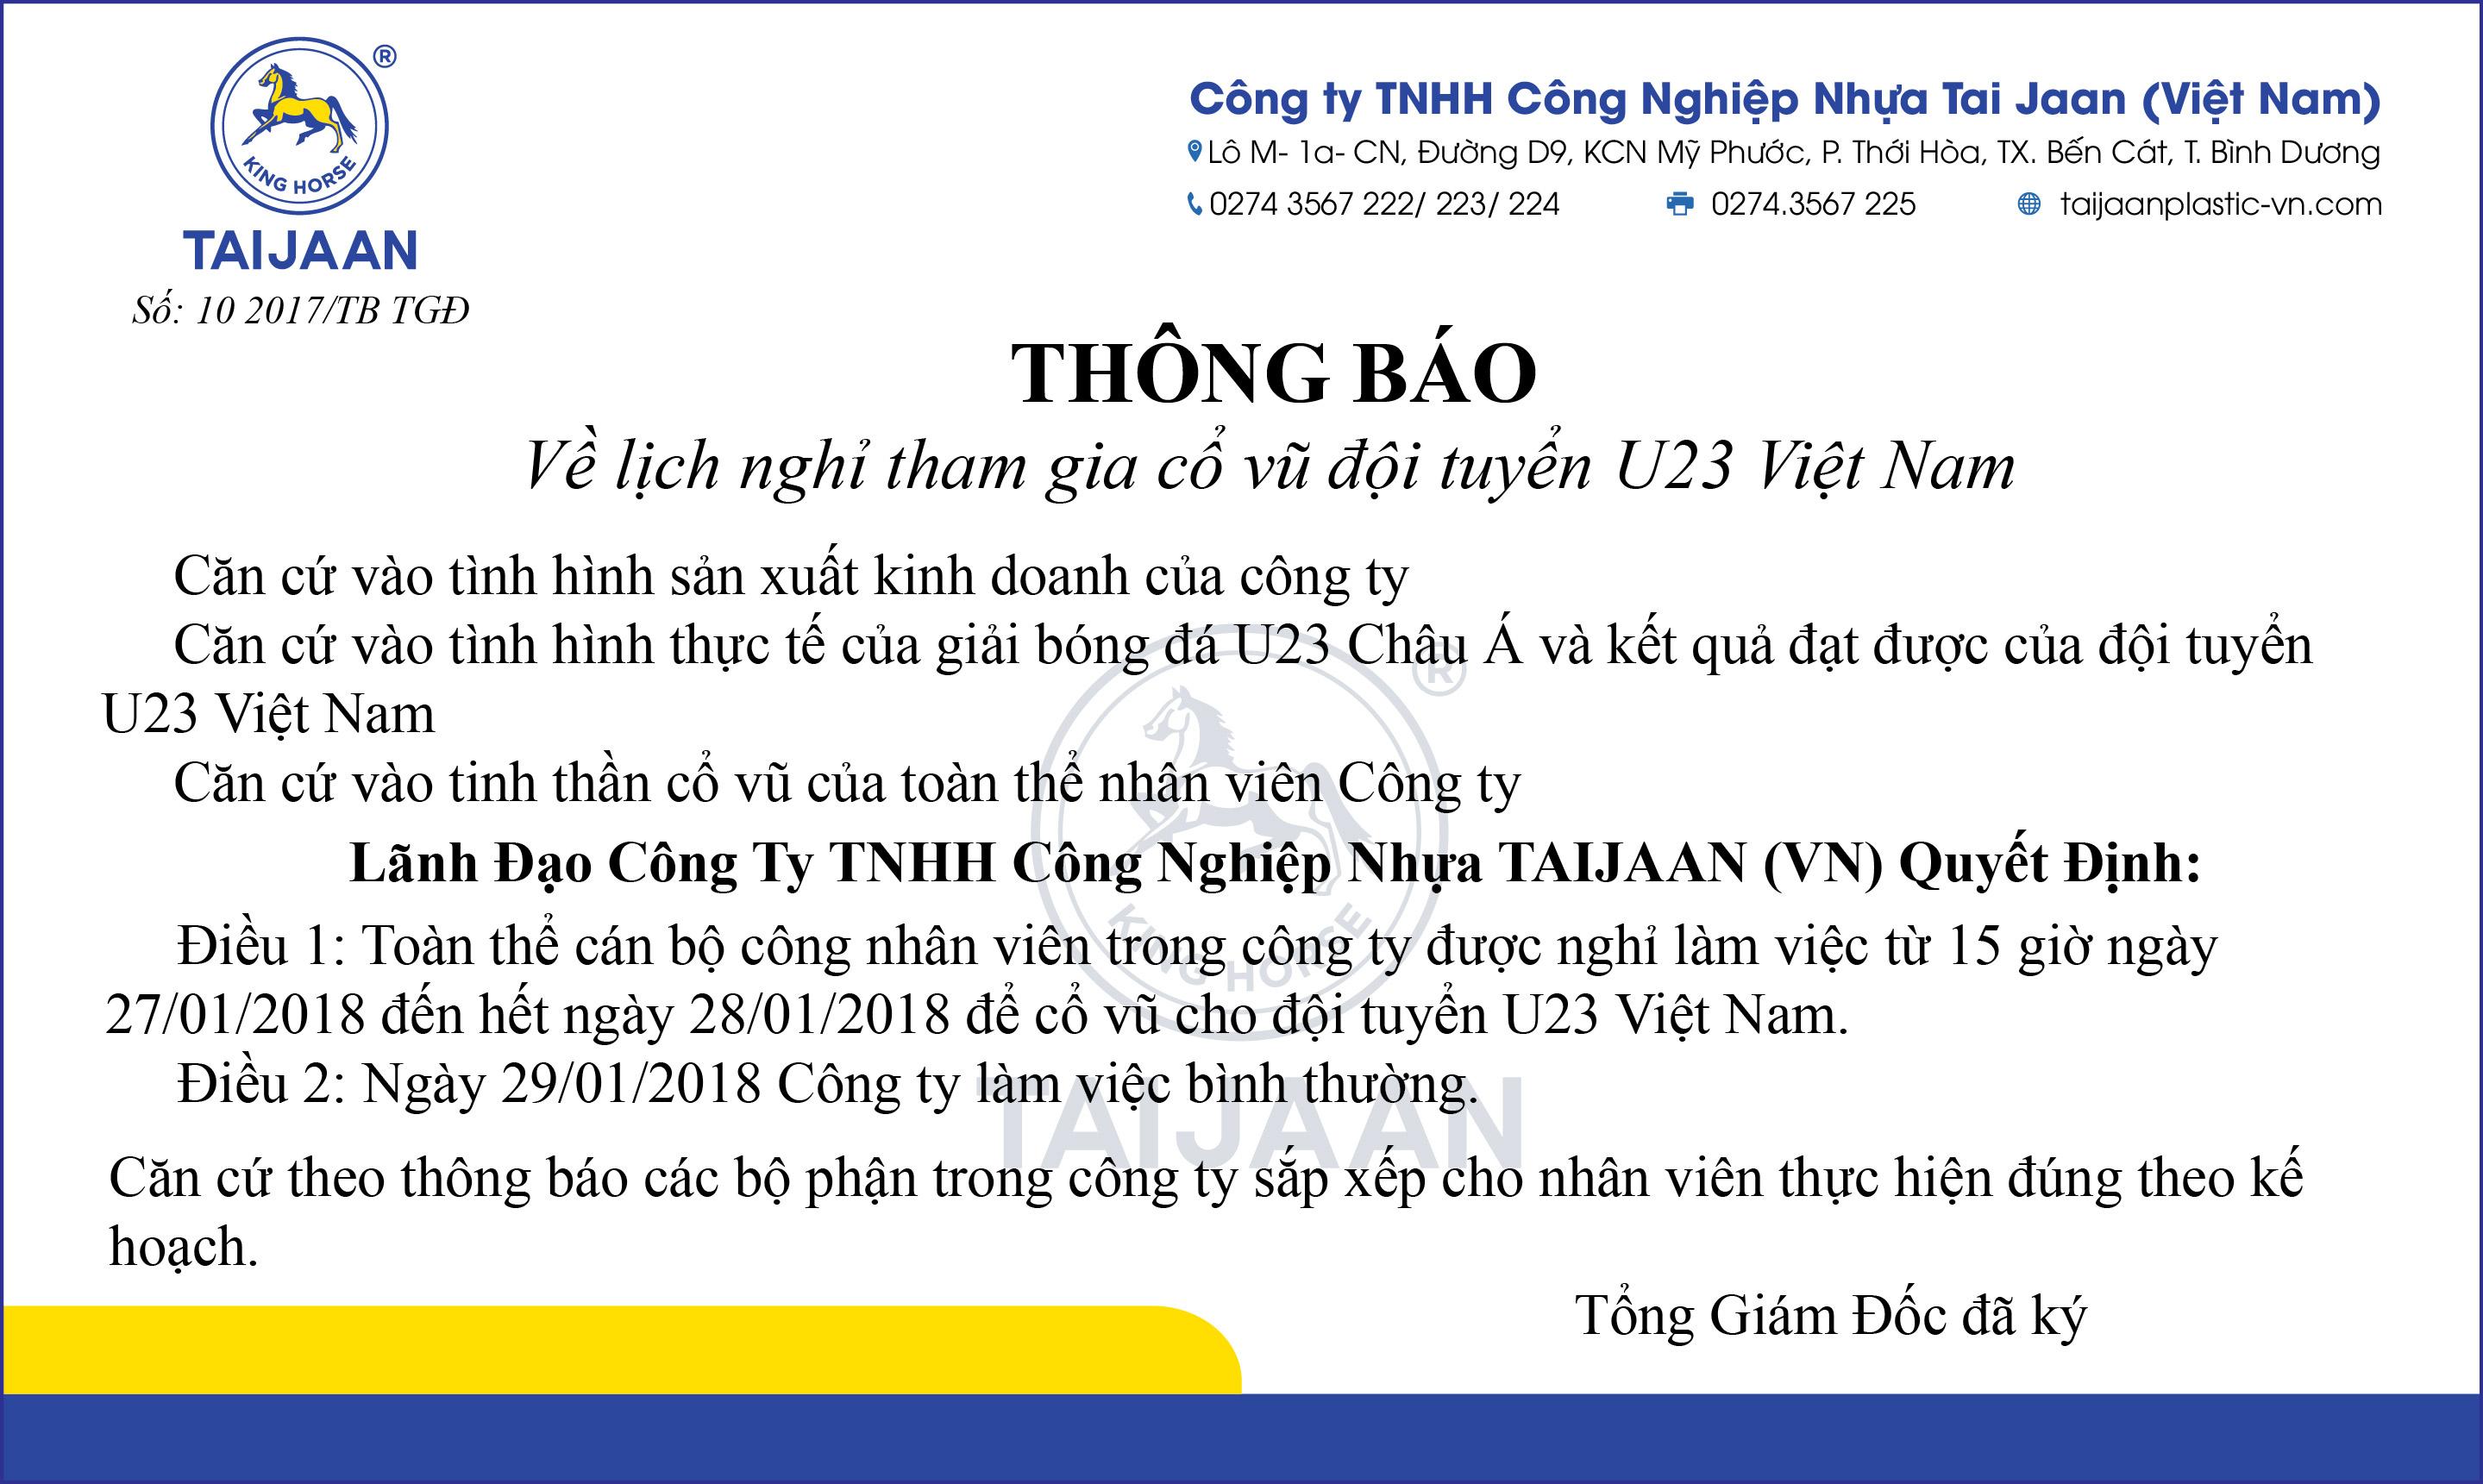 [TB] Lịch nghỉ tham gia cổ vũ U23 Việt Nam đá chung kết giải U23 Châu Á